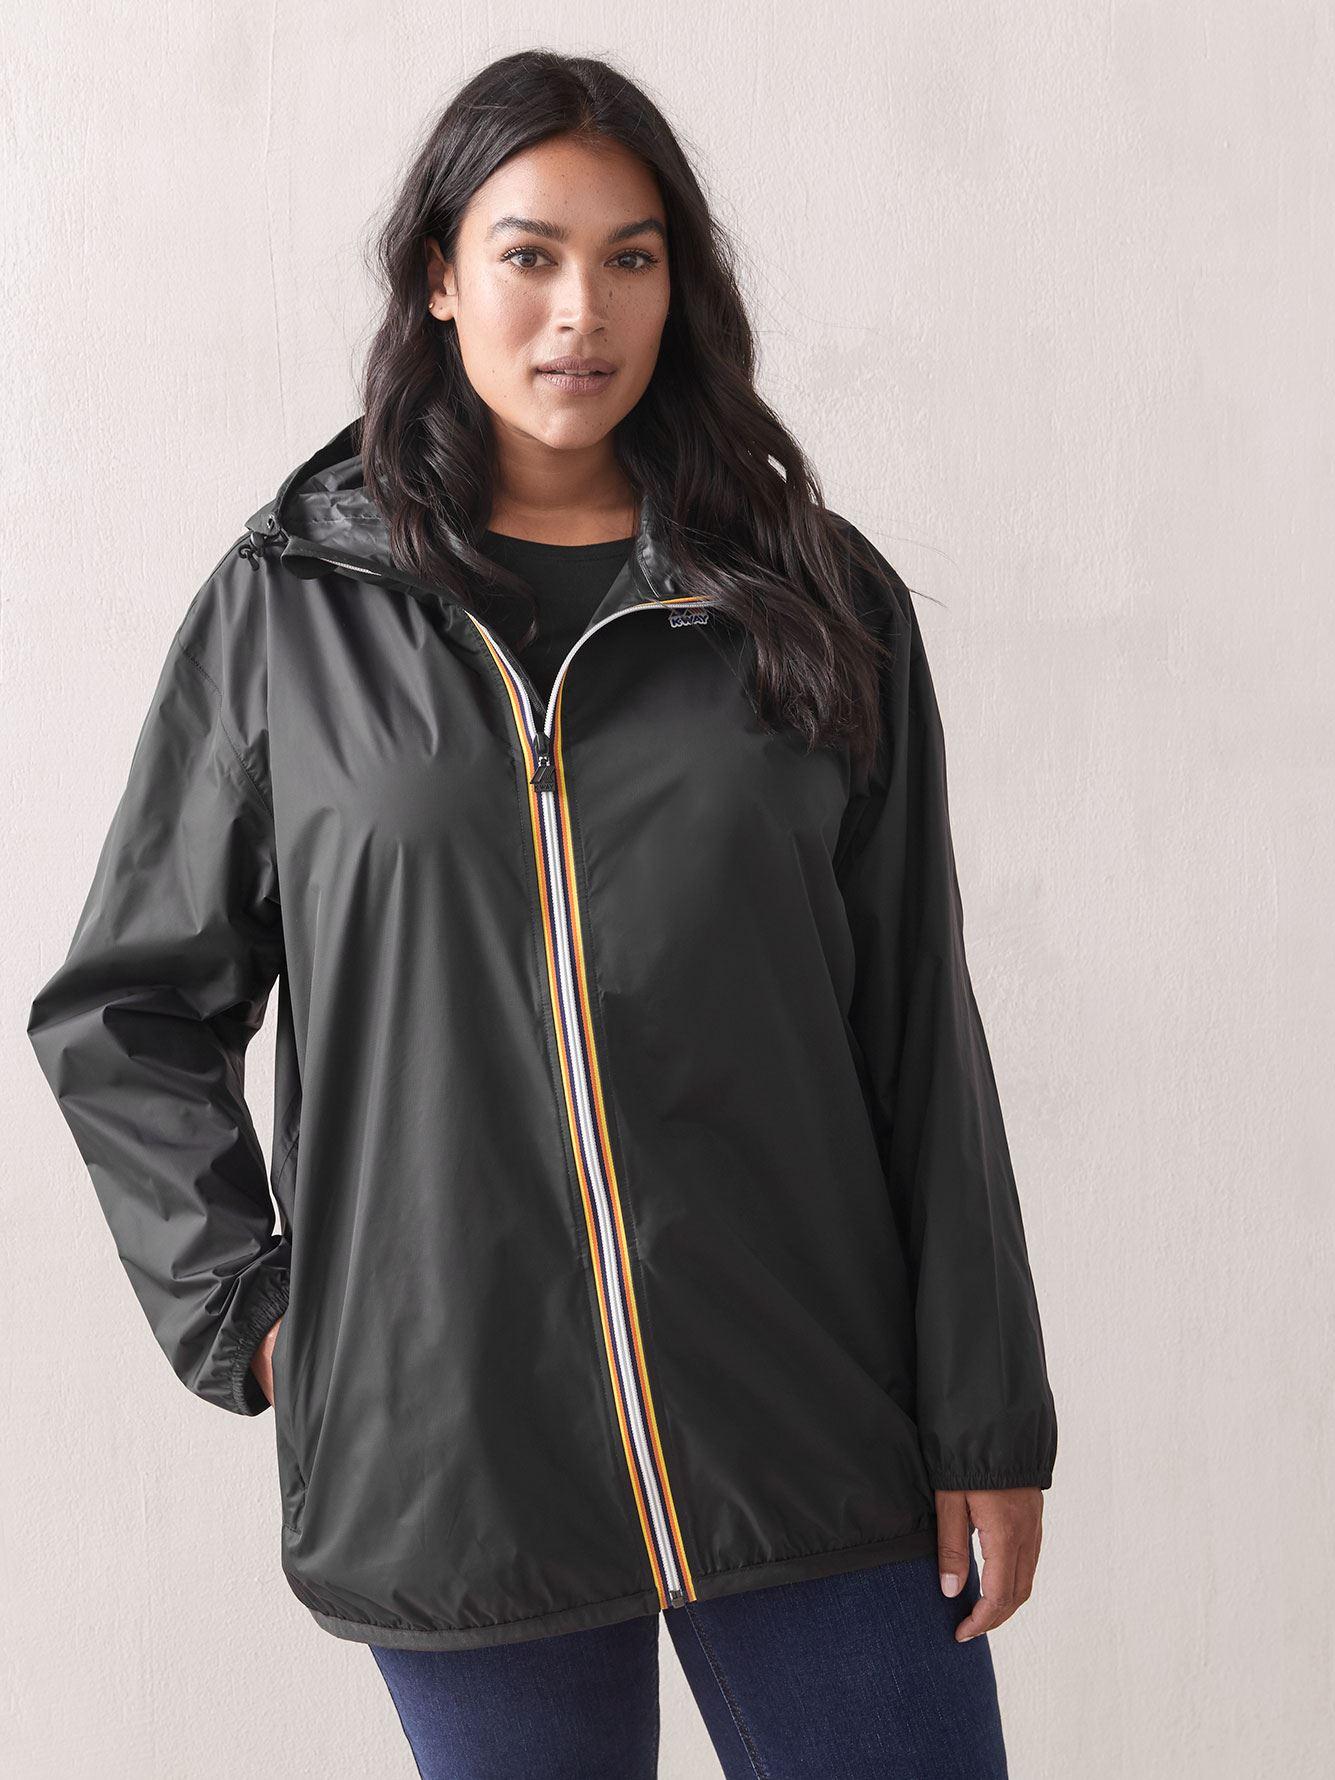 Le Vrai Claude 3.0 Packable Raincoat - K-Way